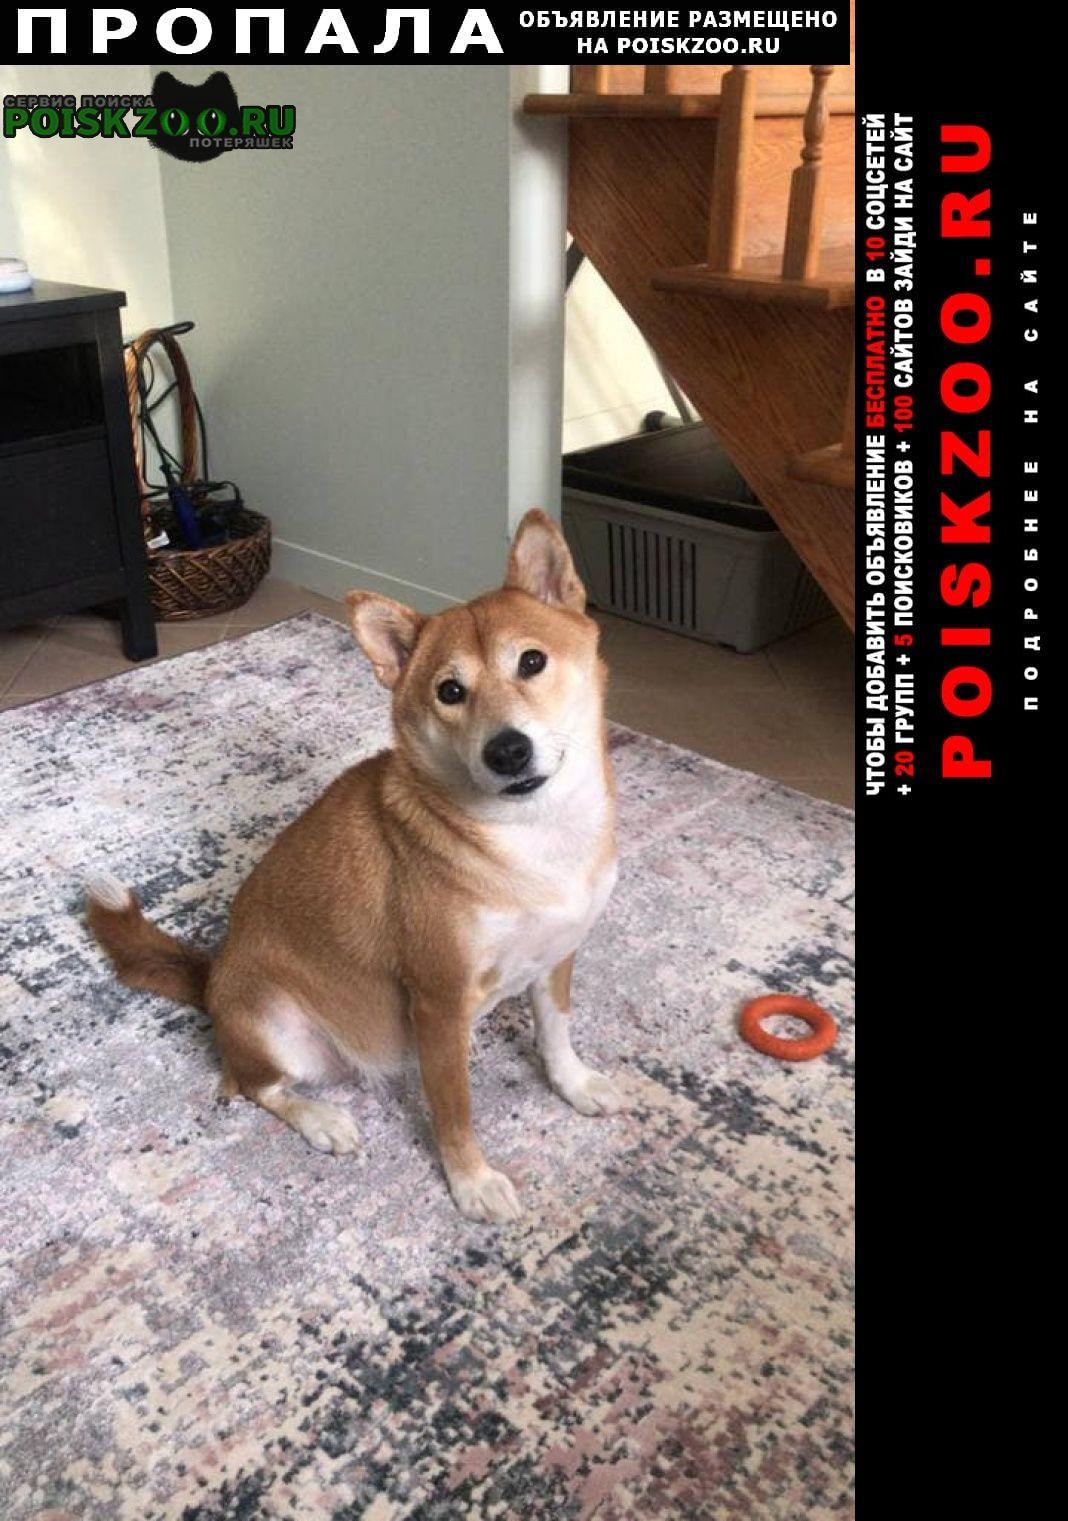 Пропала собака потерялась. порода шиба ину Москва